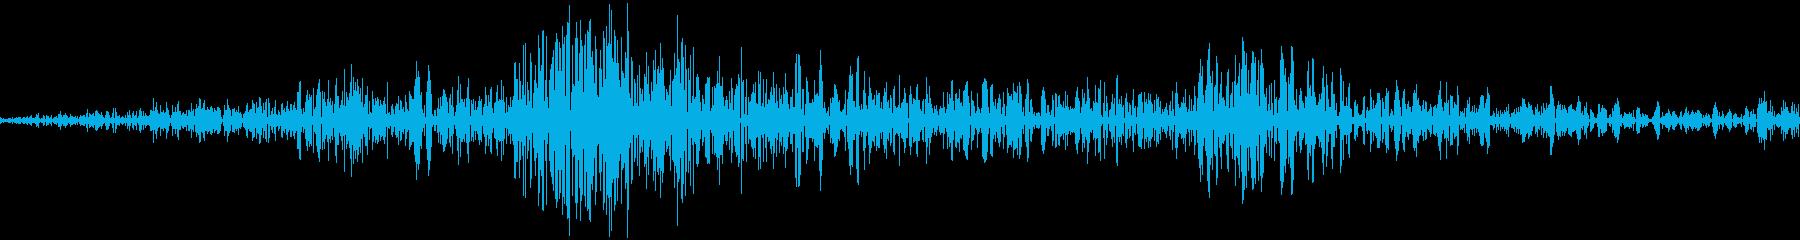 アプリの決定音の再生済みの波形